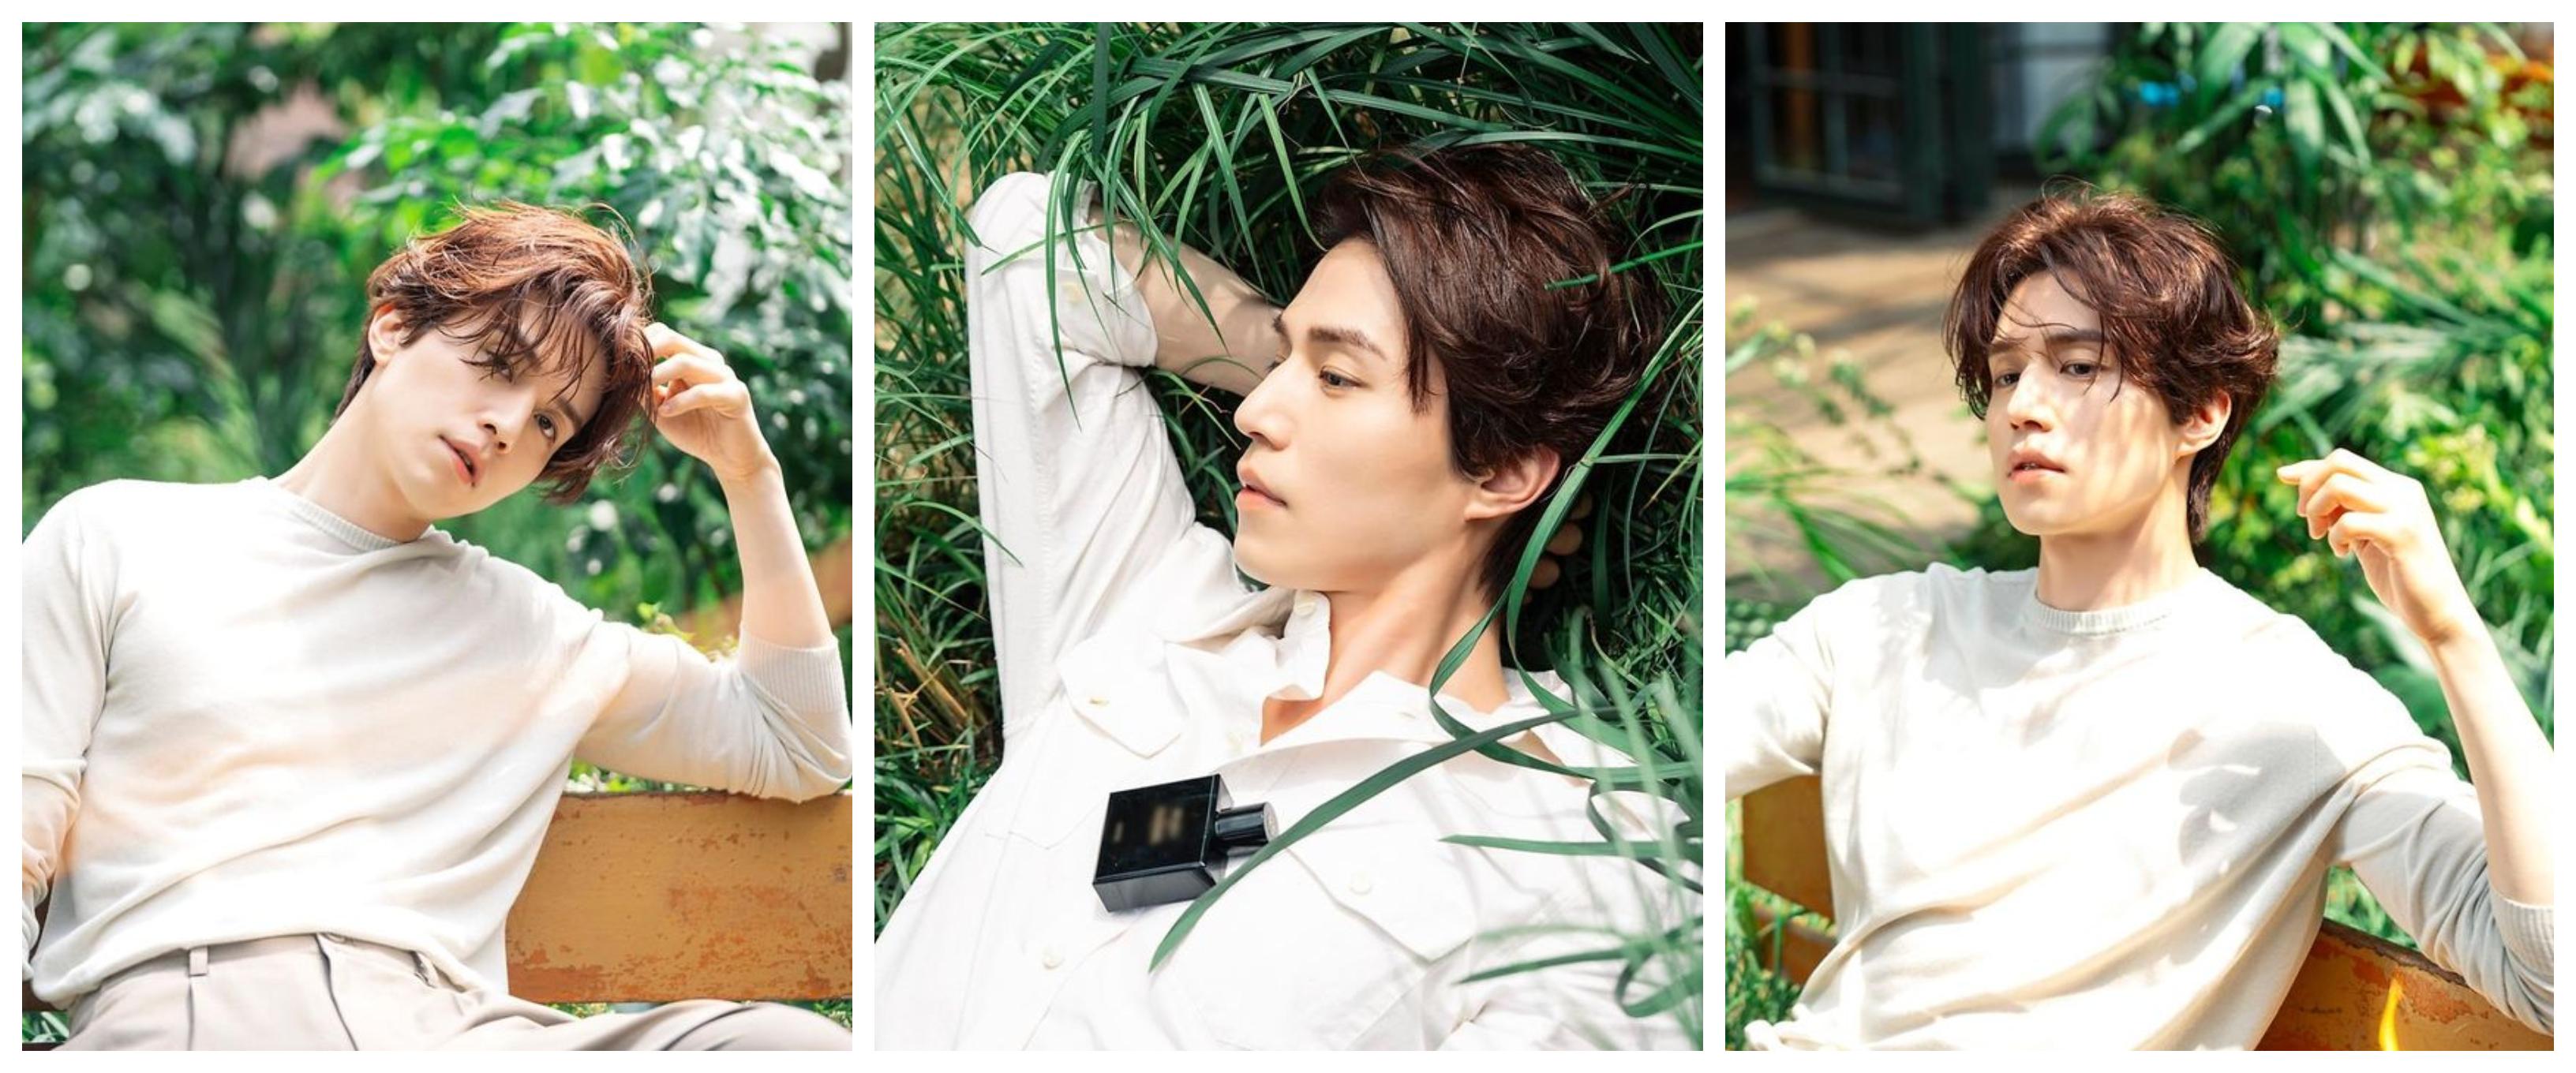 K-beauty: cosmetice coreene pentru bărbați